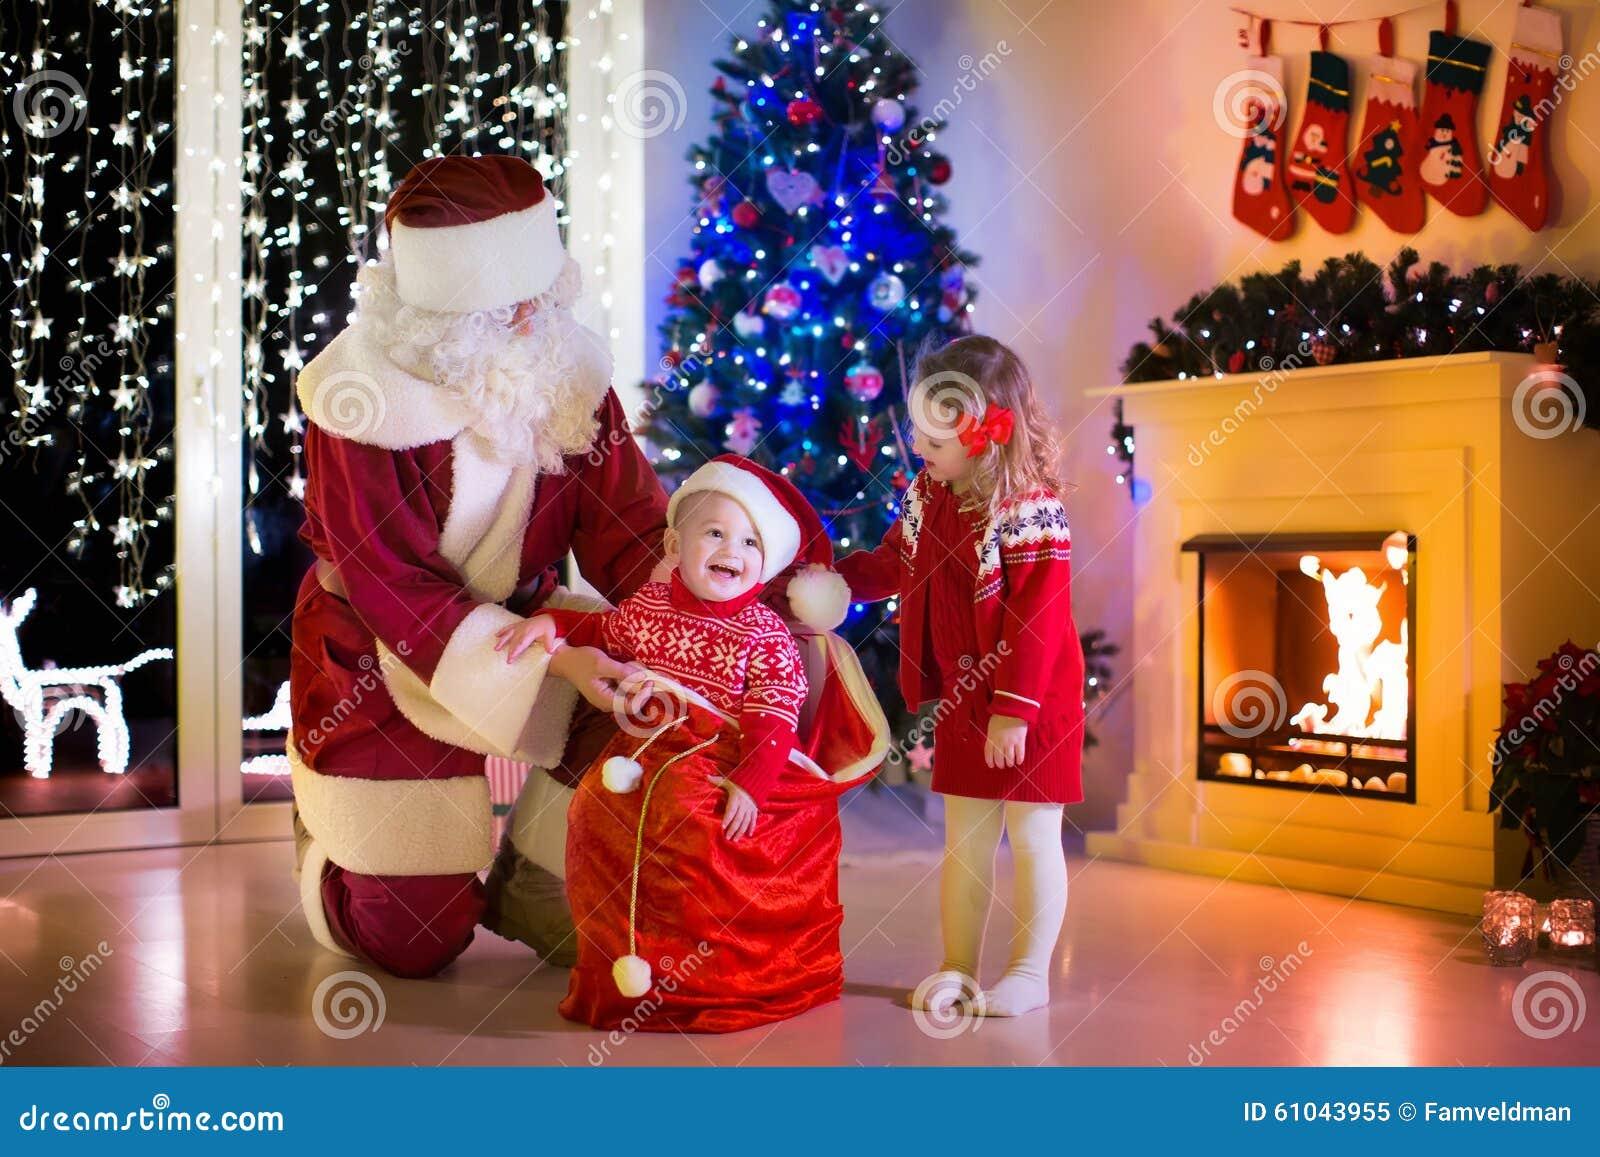 Kinder- und Sankt-Öffnung Weihnachtsgeschenke